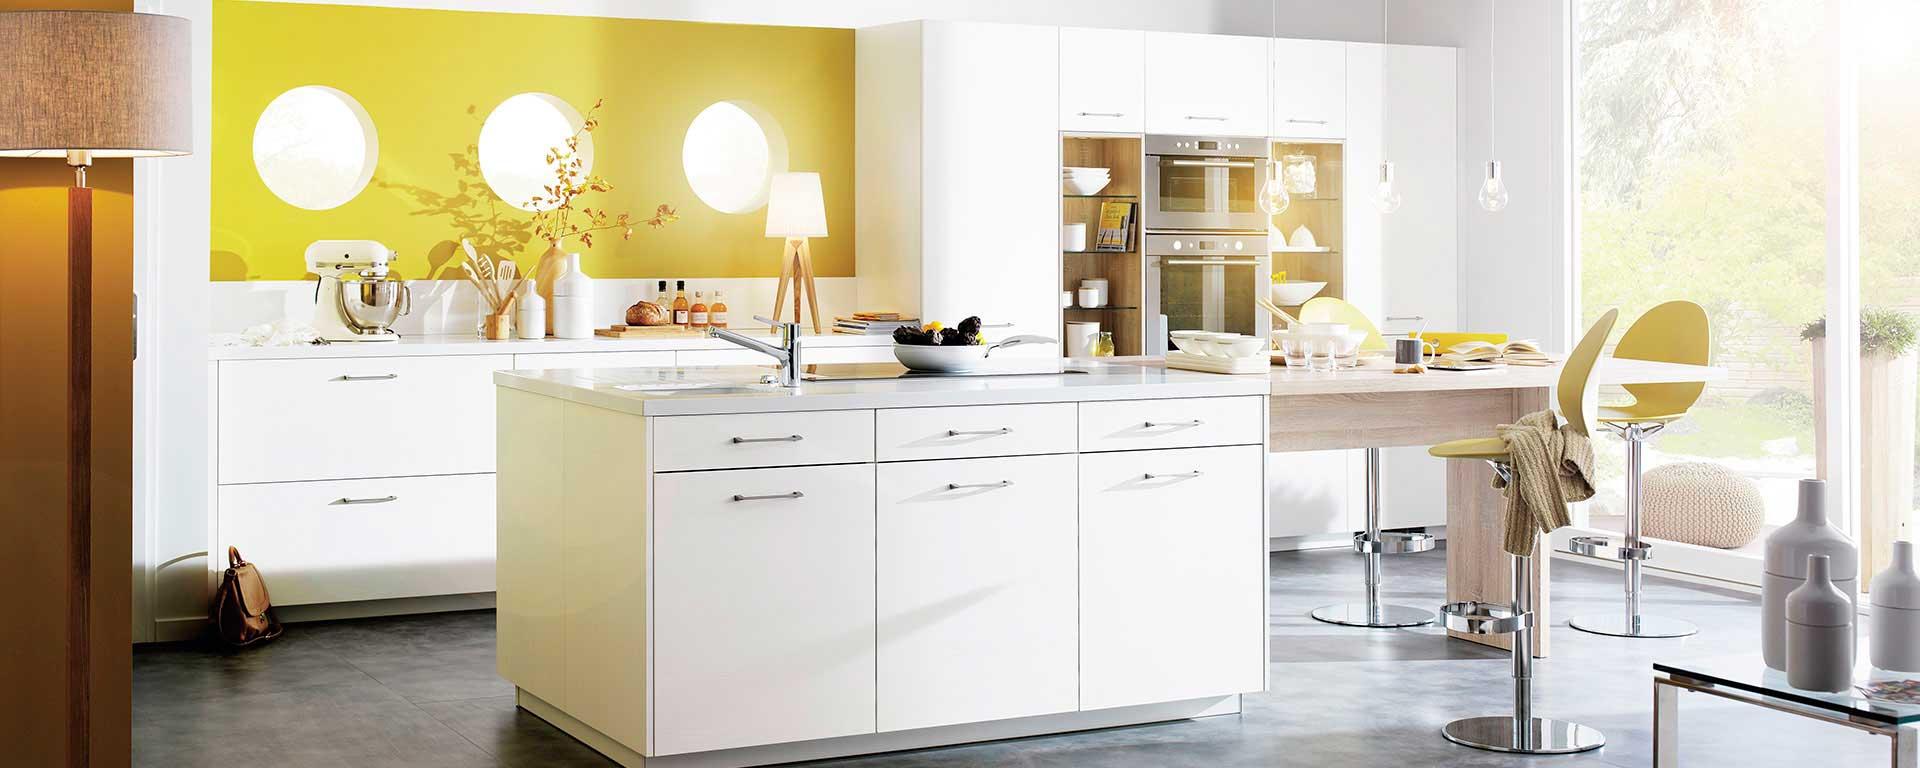 Капитальный ремонт кухни